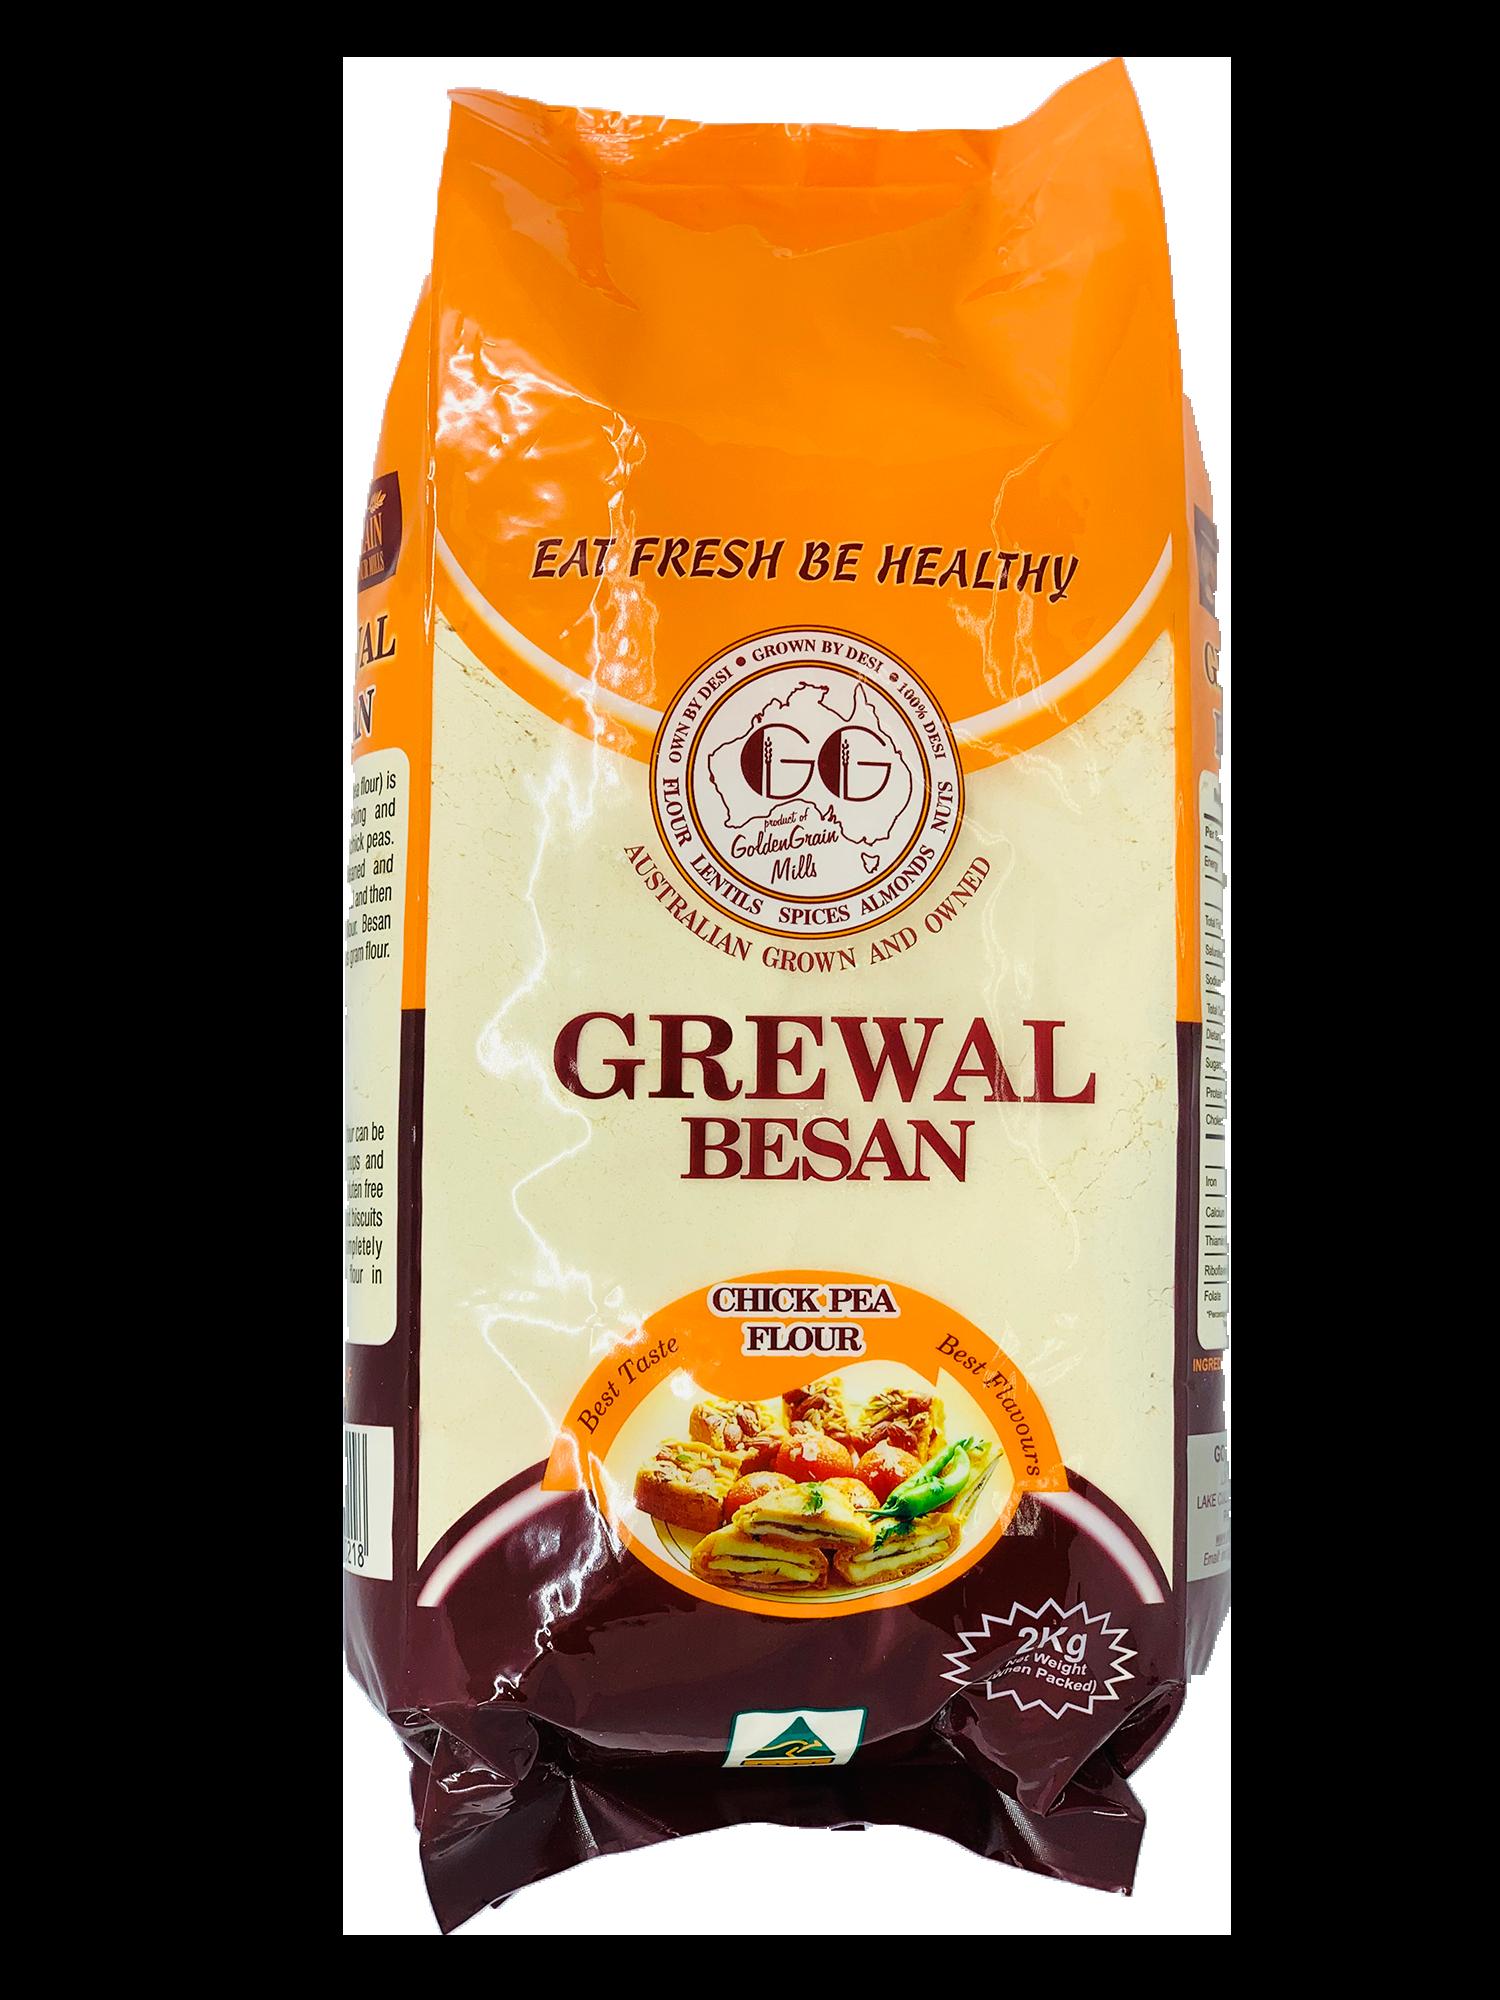 Buy Grewal Besan Chick Pea Flavour Flour Melbourne